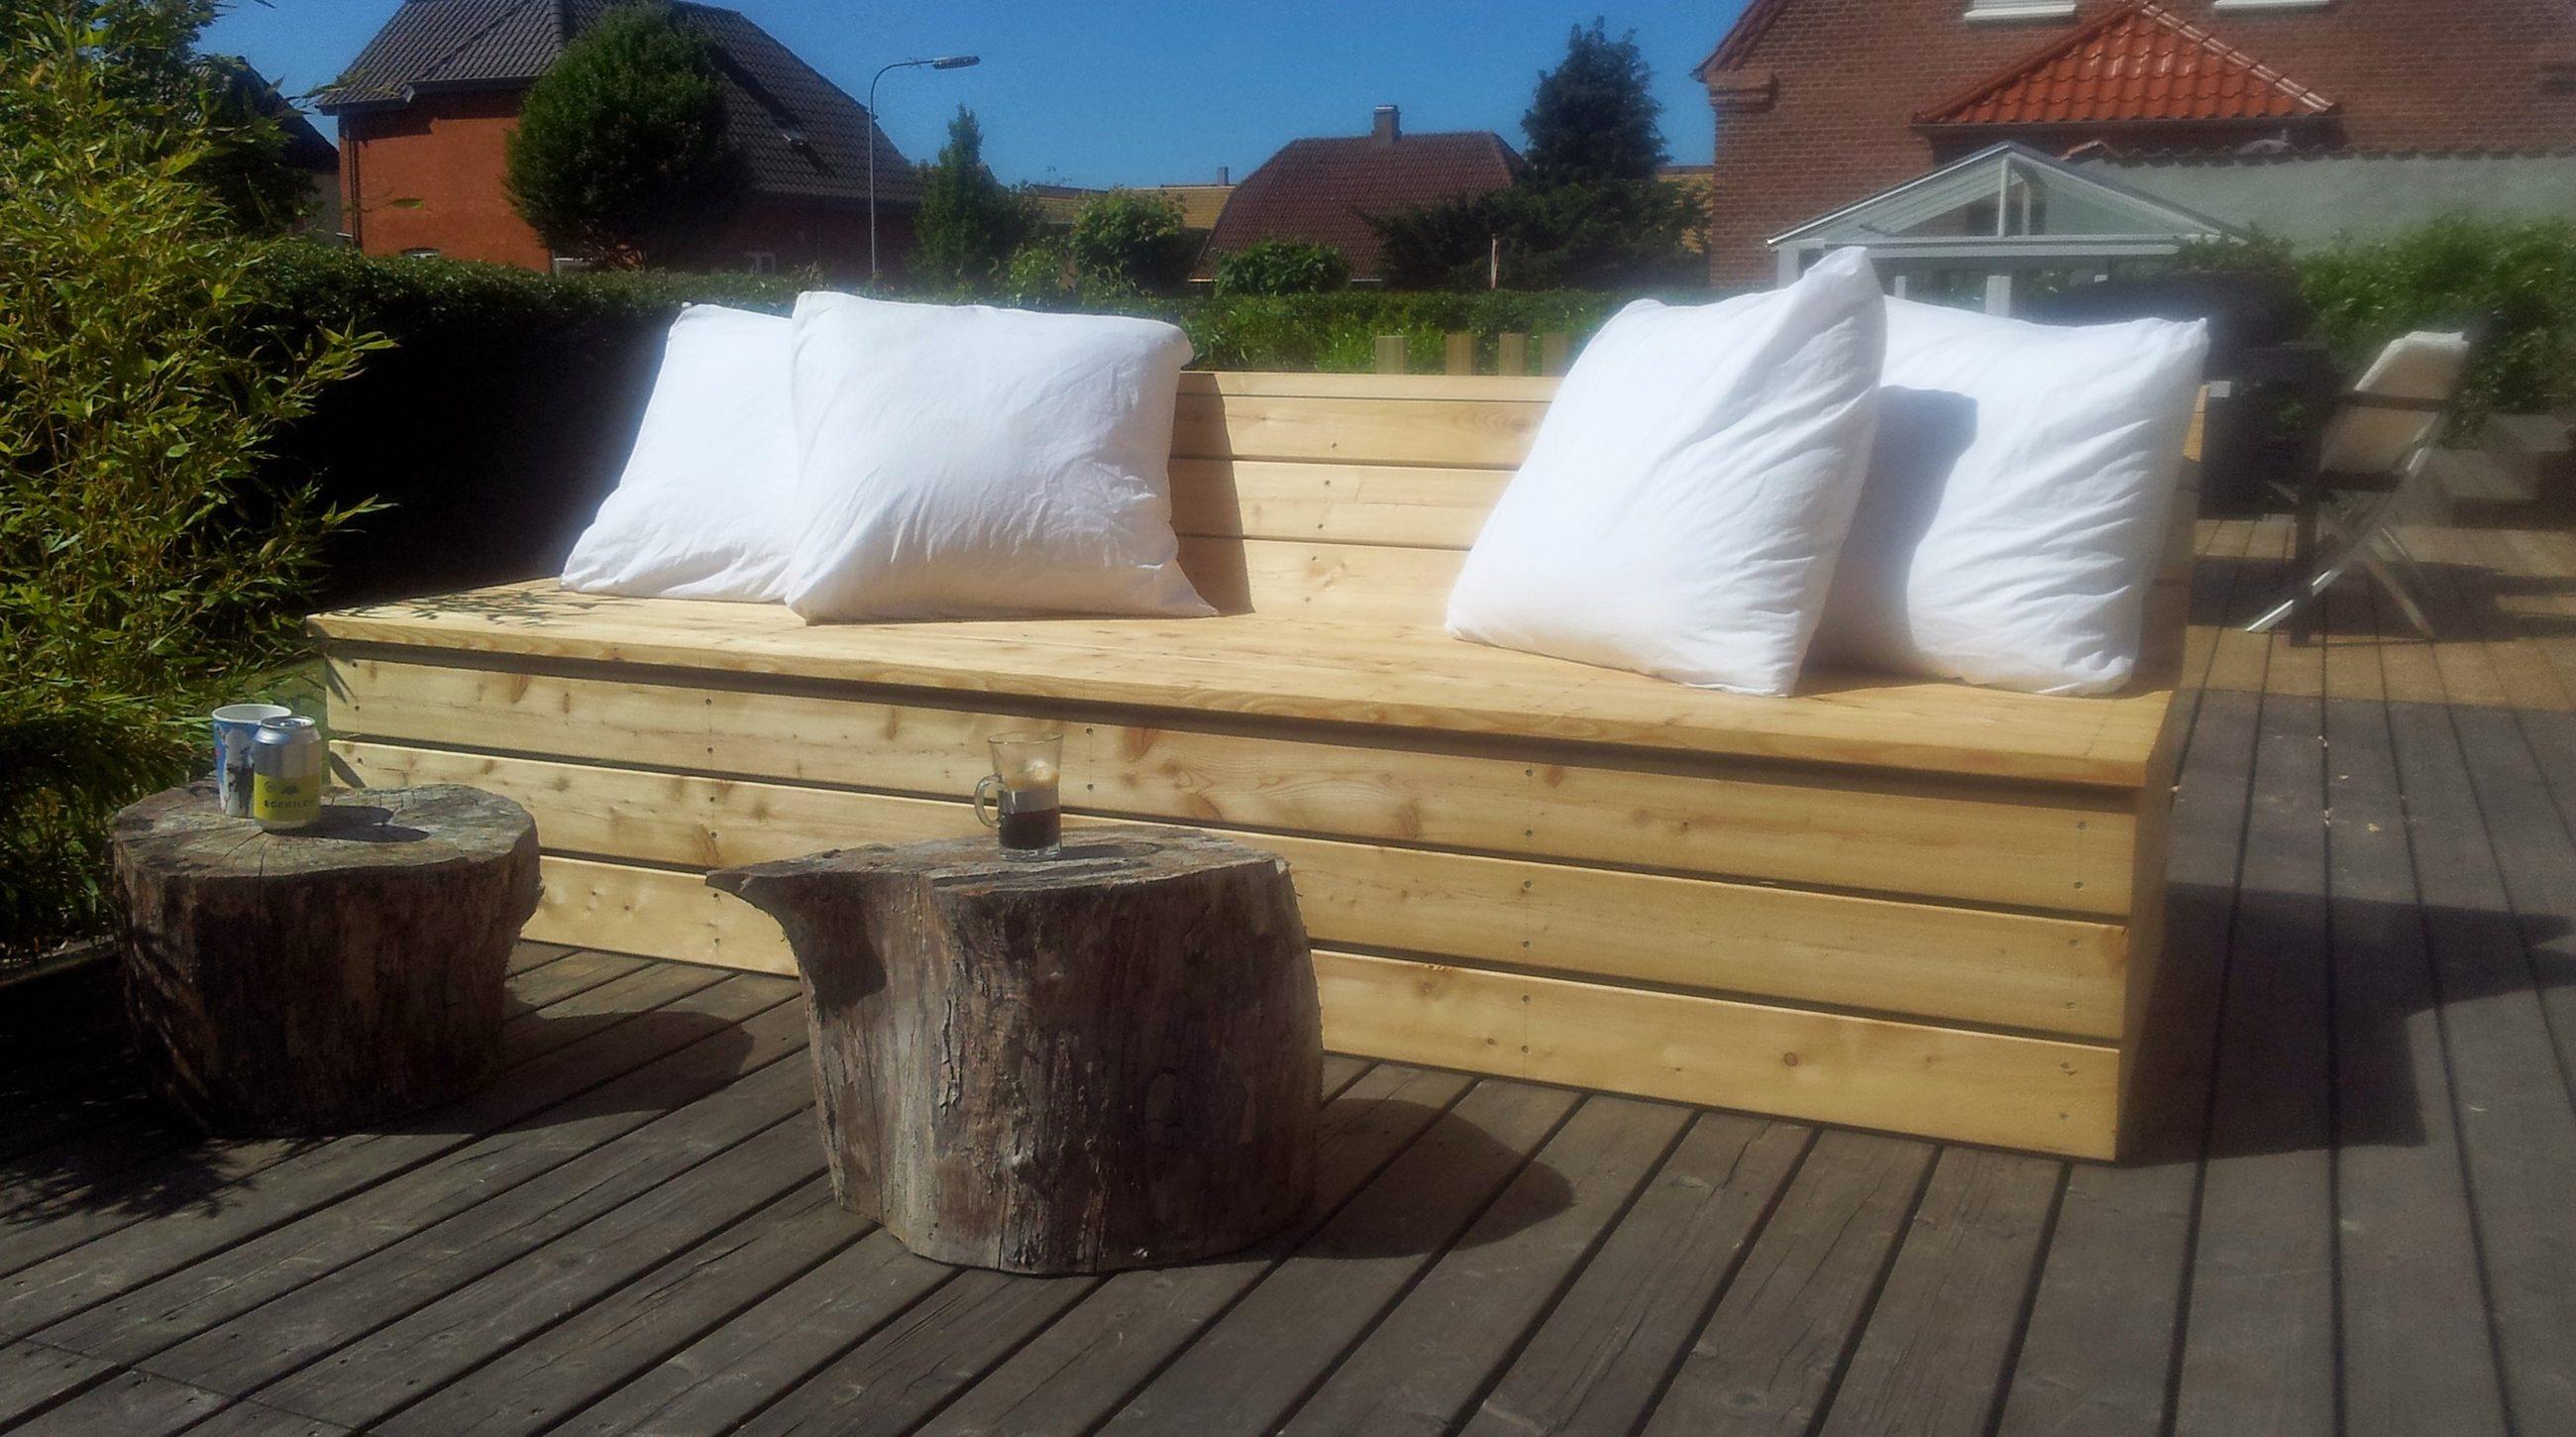 Alle tømreropgaver udføres - Jeg arbejder lokalt, men påtager mig også gerne opgaver andre steder i Danmark efter nærmere aftale